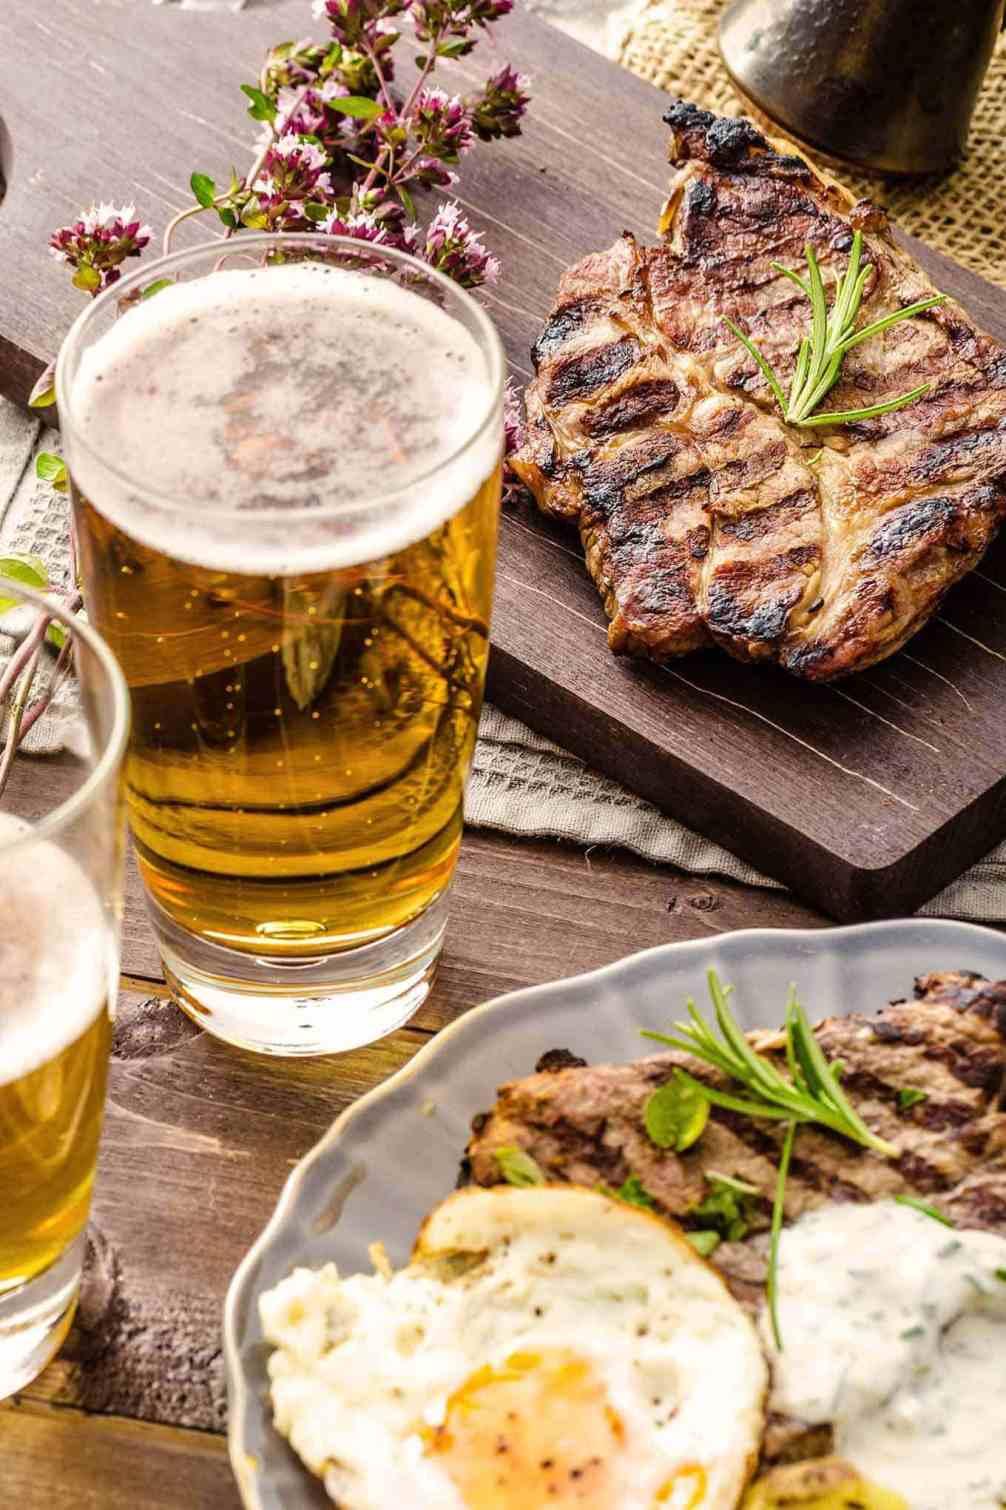 Maridaje-de-la-cerveza-y-carnes-El-Portal-del-Chacinado